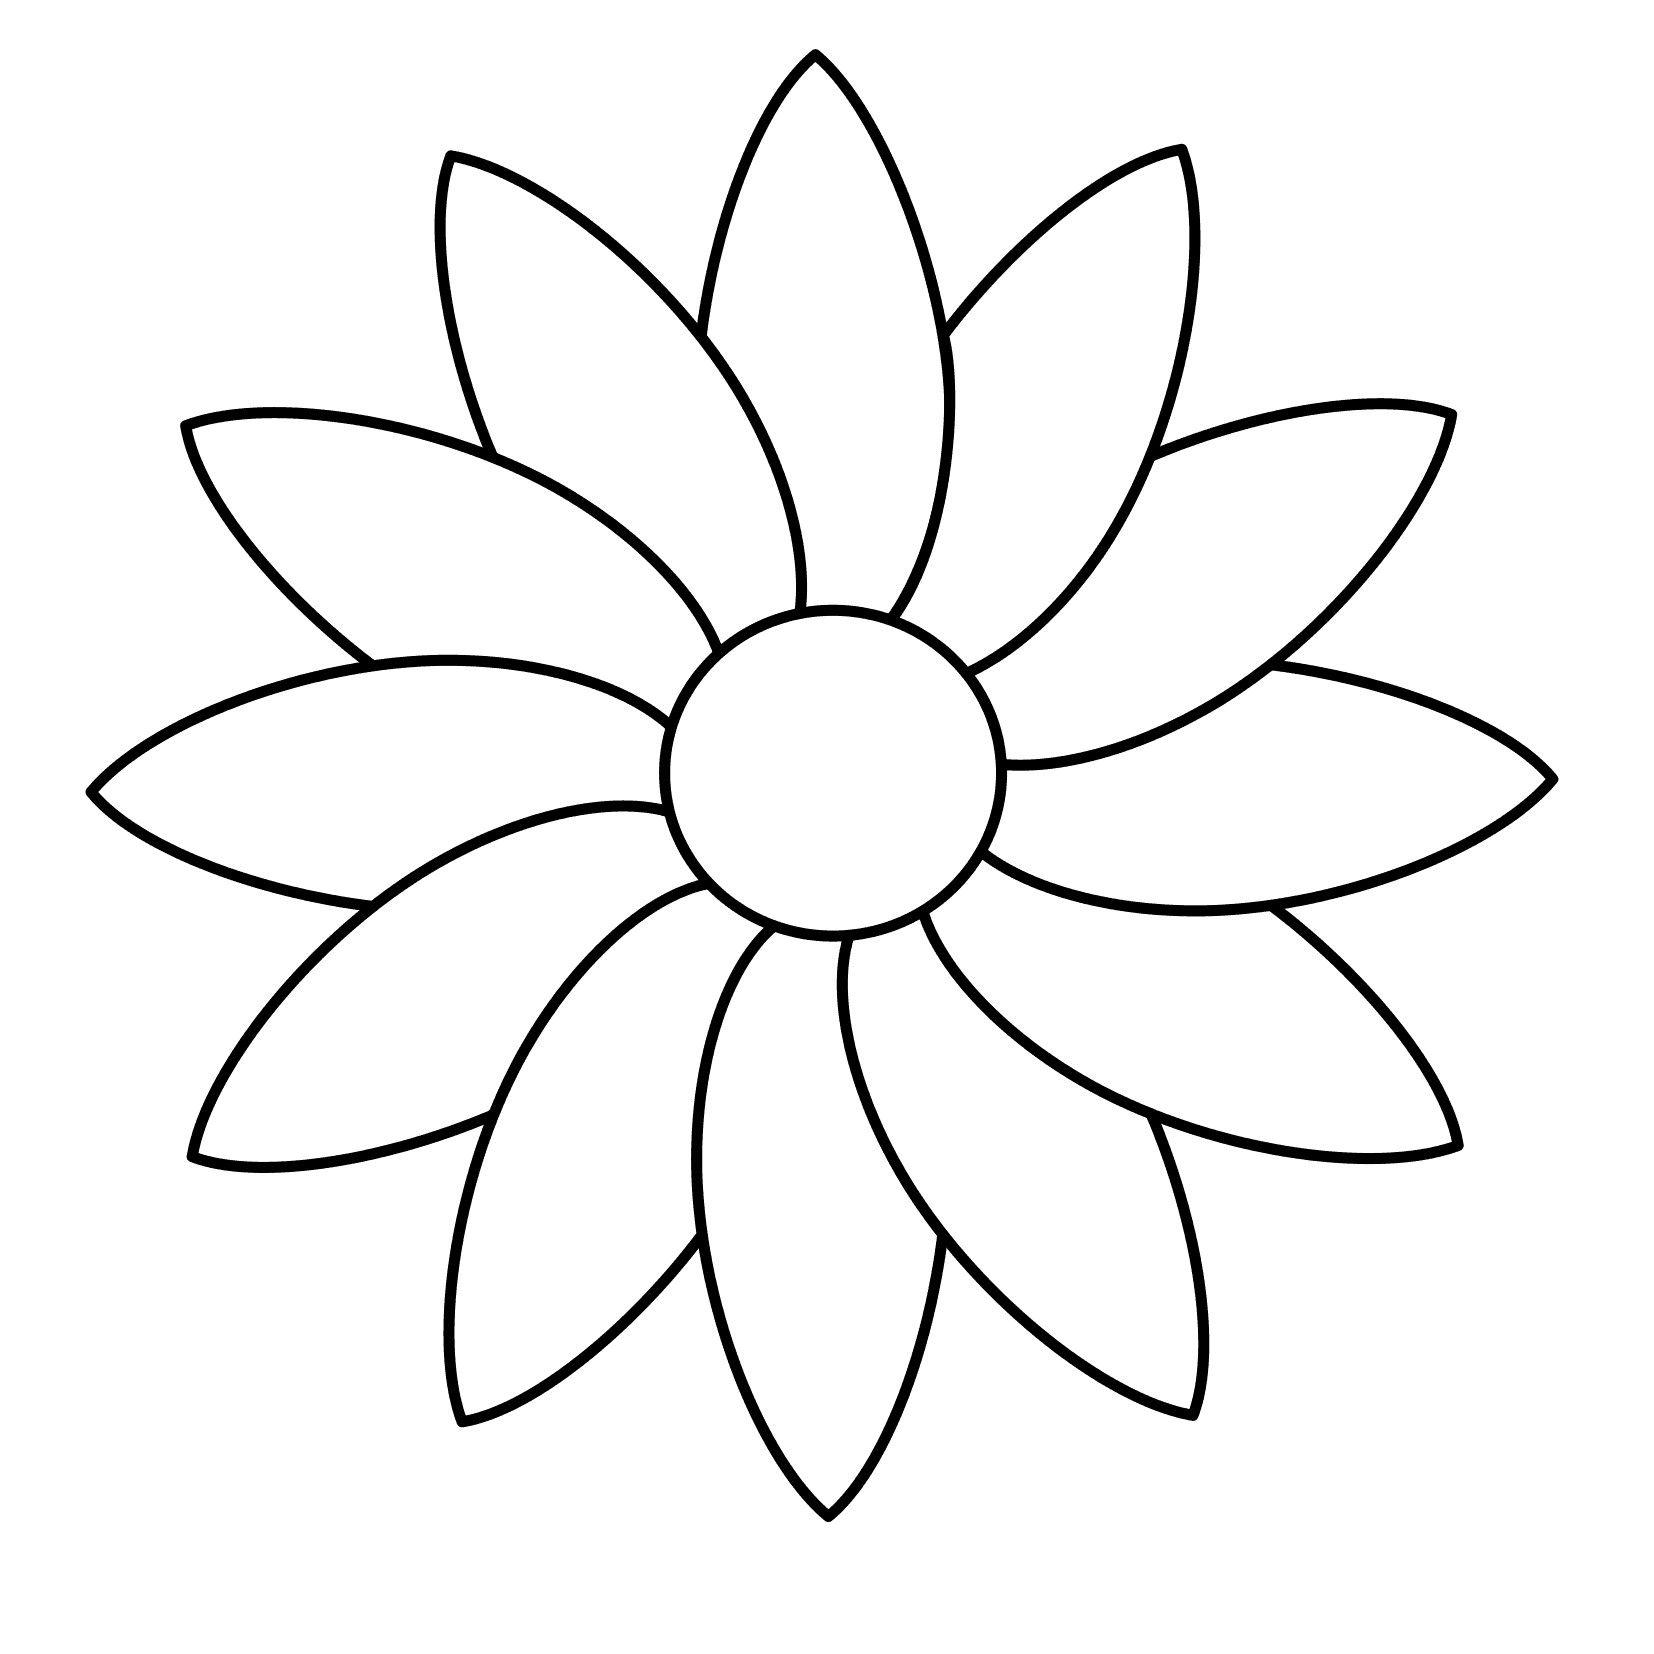 Malvorlagen #Malvorlagenkostenlos  Flower drawing, Printable